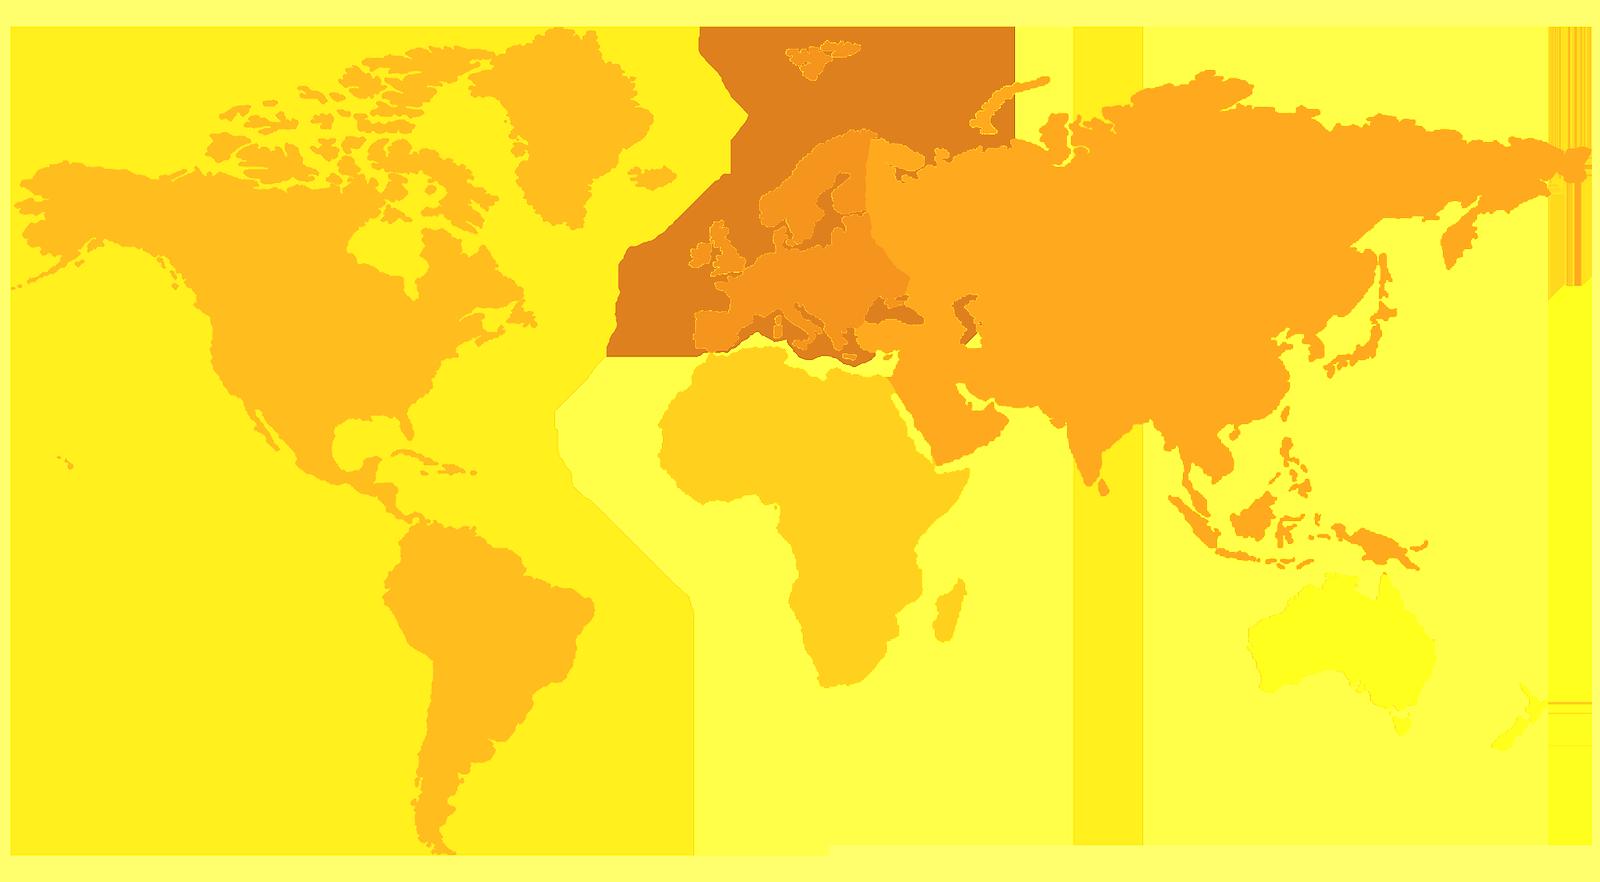 Схематичная карта мира